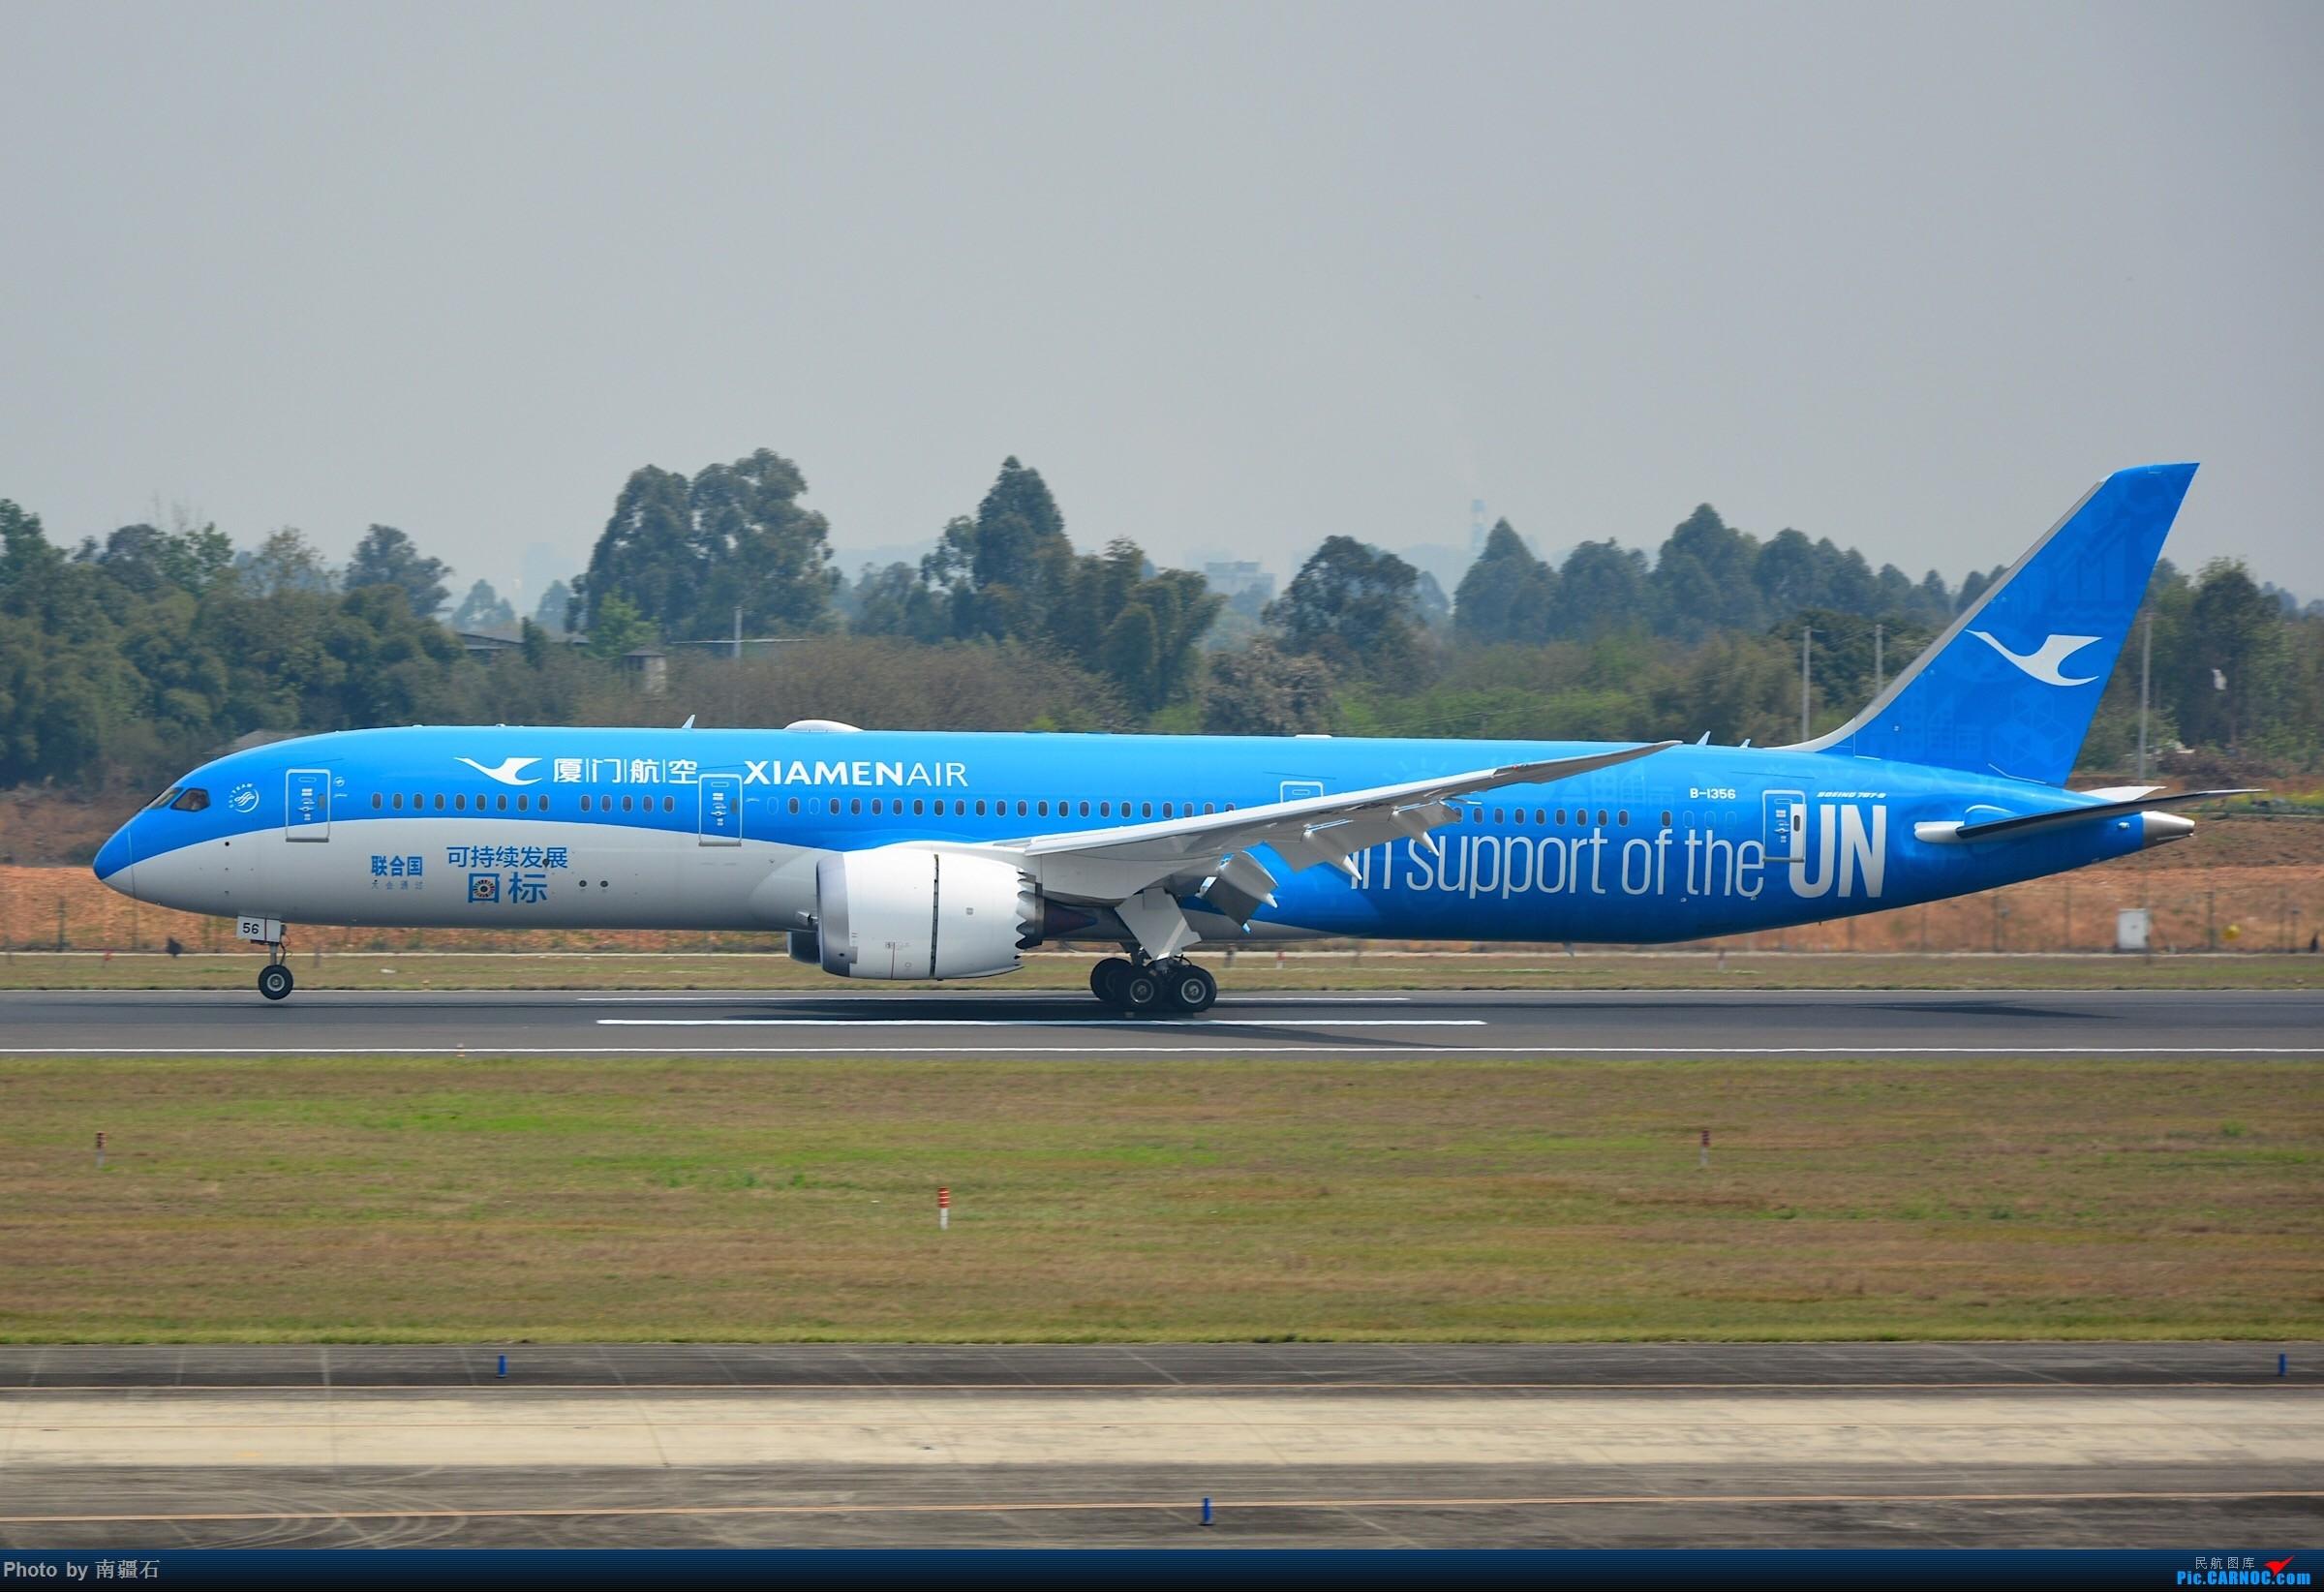 Re:[原创]CTU 厦航UN可持续发展图标彩绘789左右两侧面 BOEING 787-9 B-1356 中国成都双流国际机场